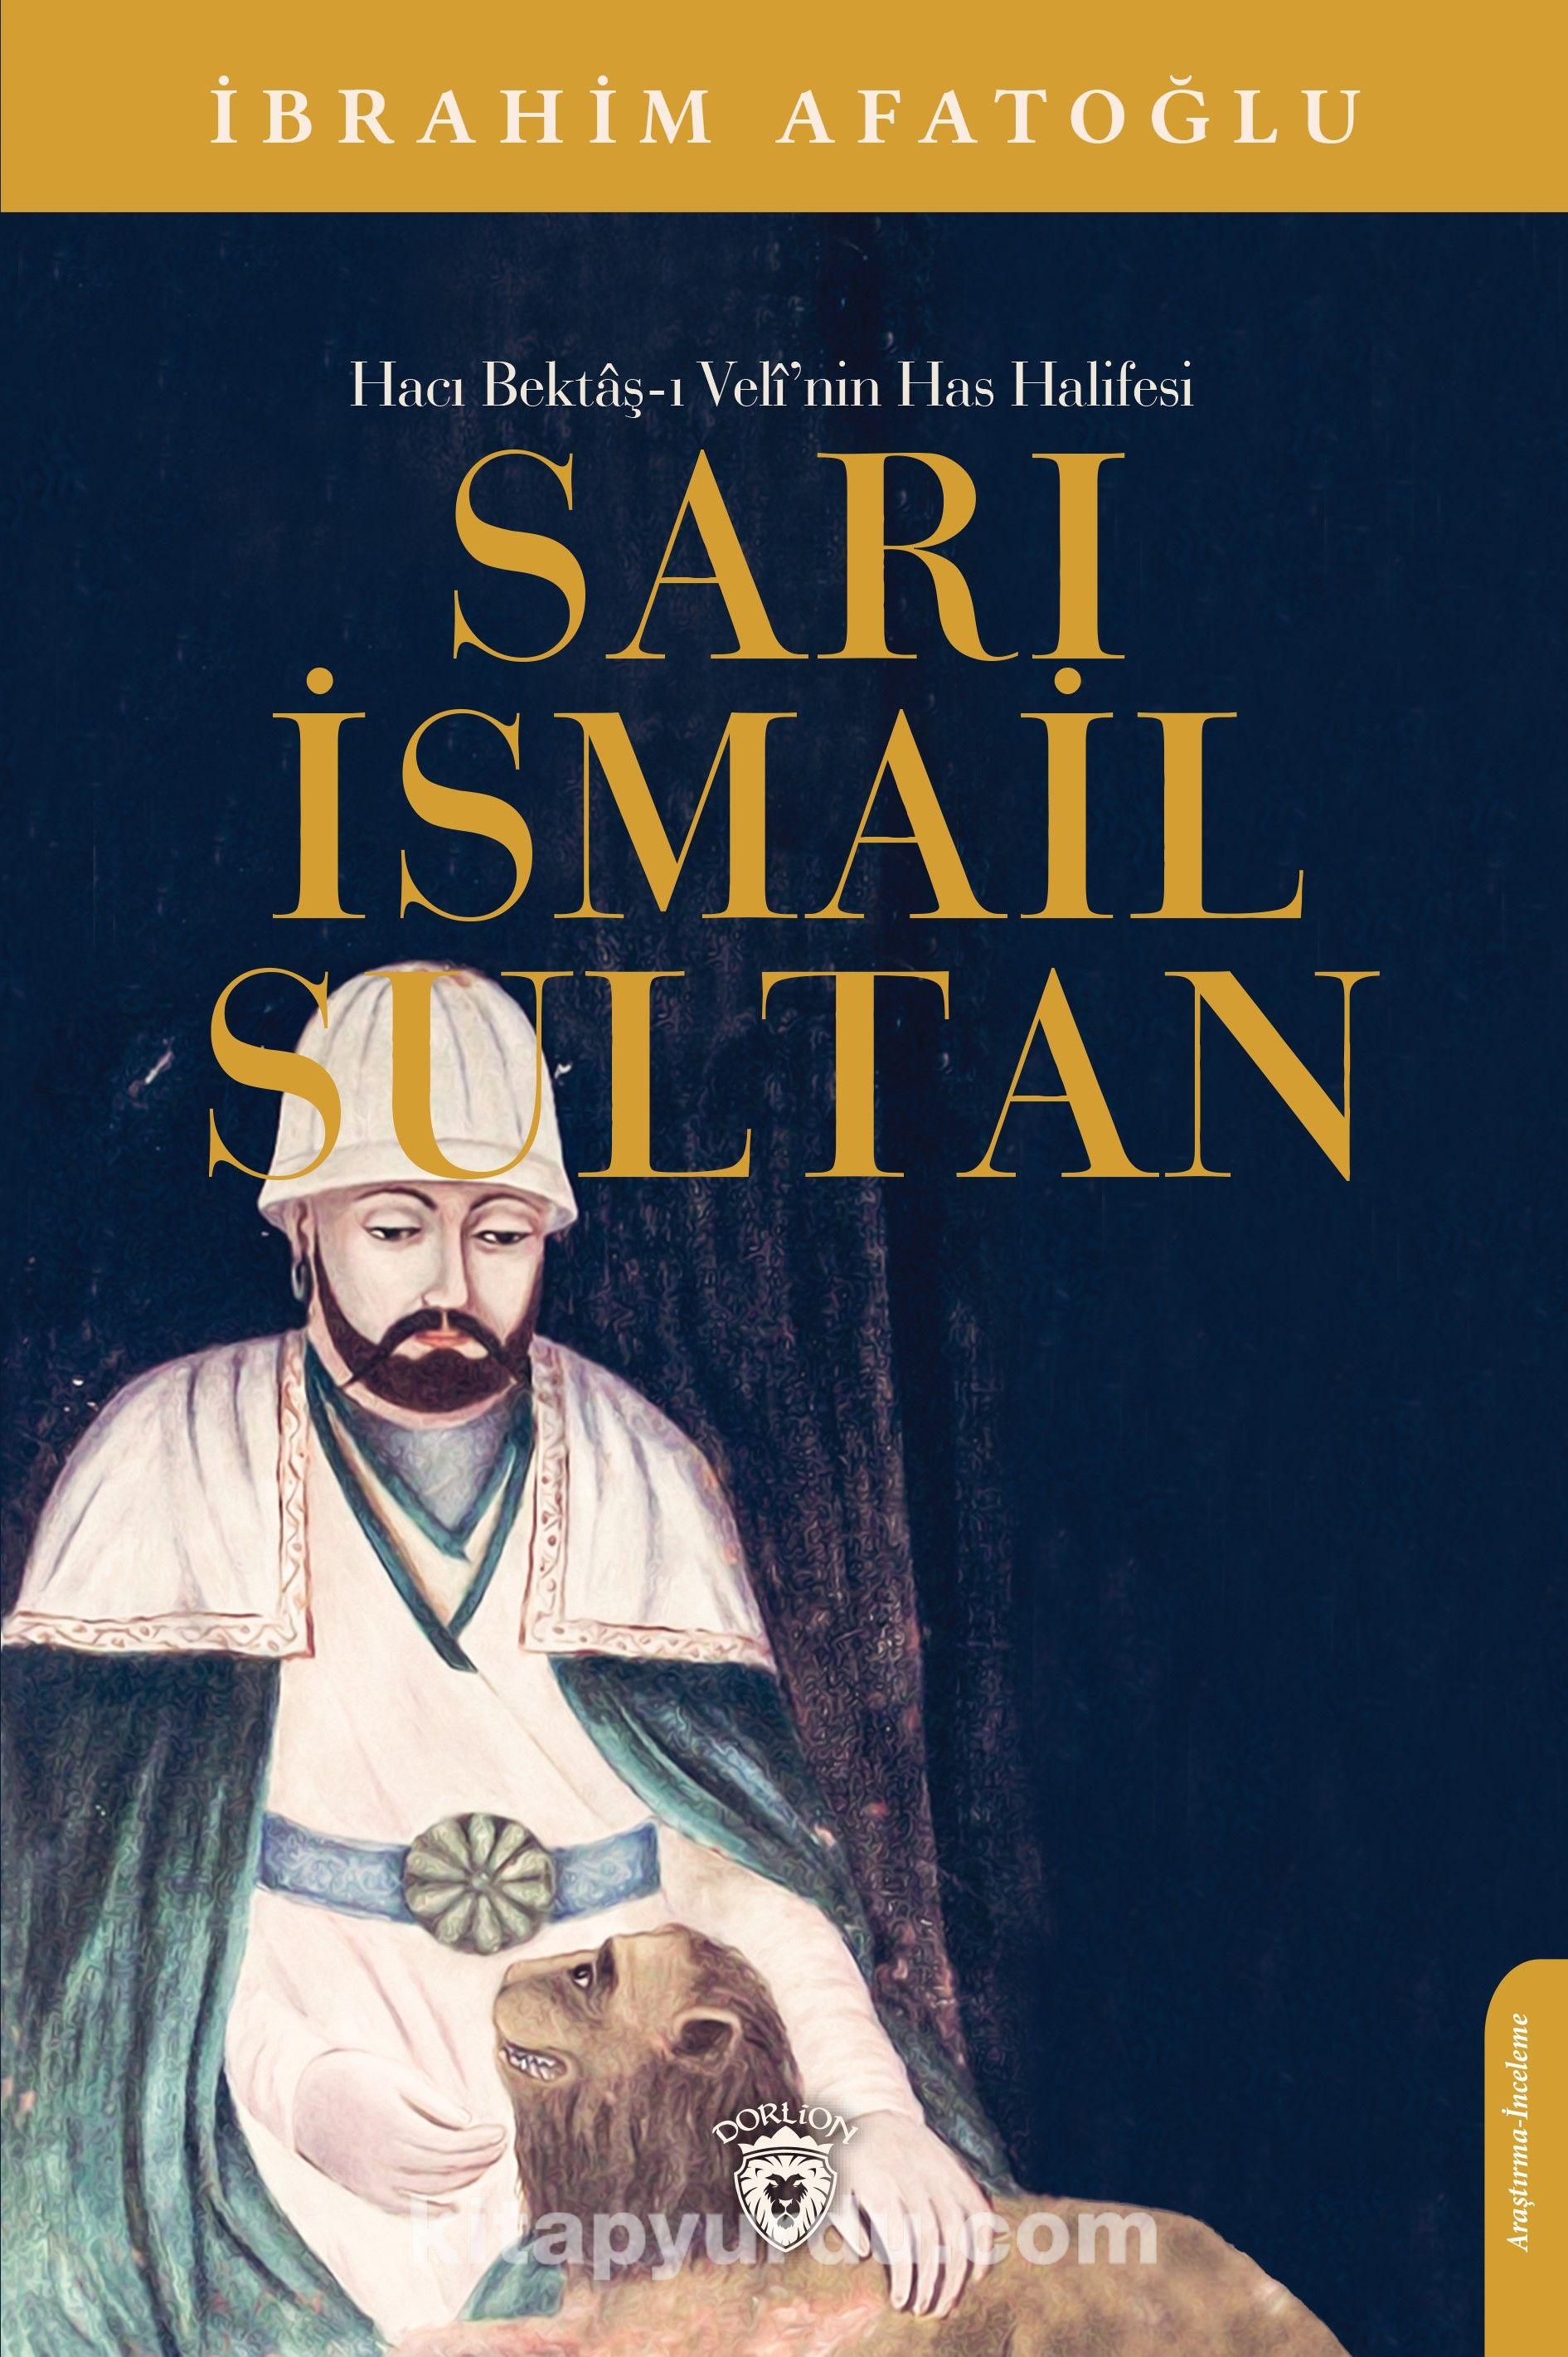 Hacı Bektaş-ı Veli'nin Has Halifesi Sarı İsmail Sultan - İbrahim Afatoğlu pdf epub